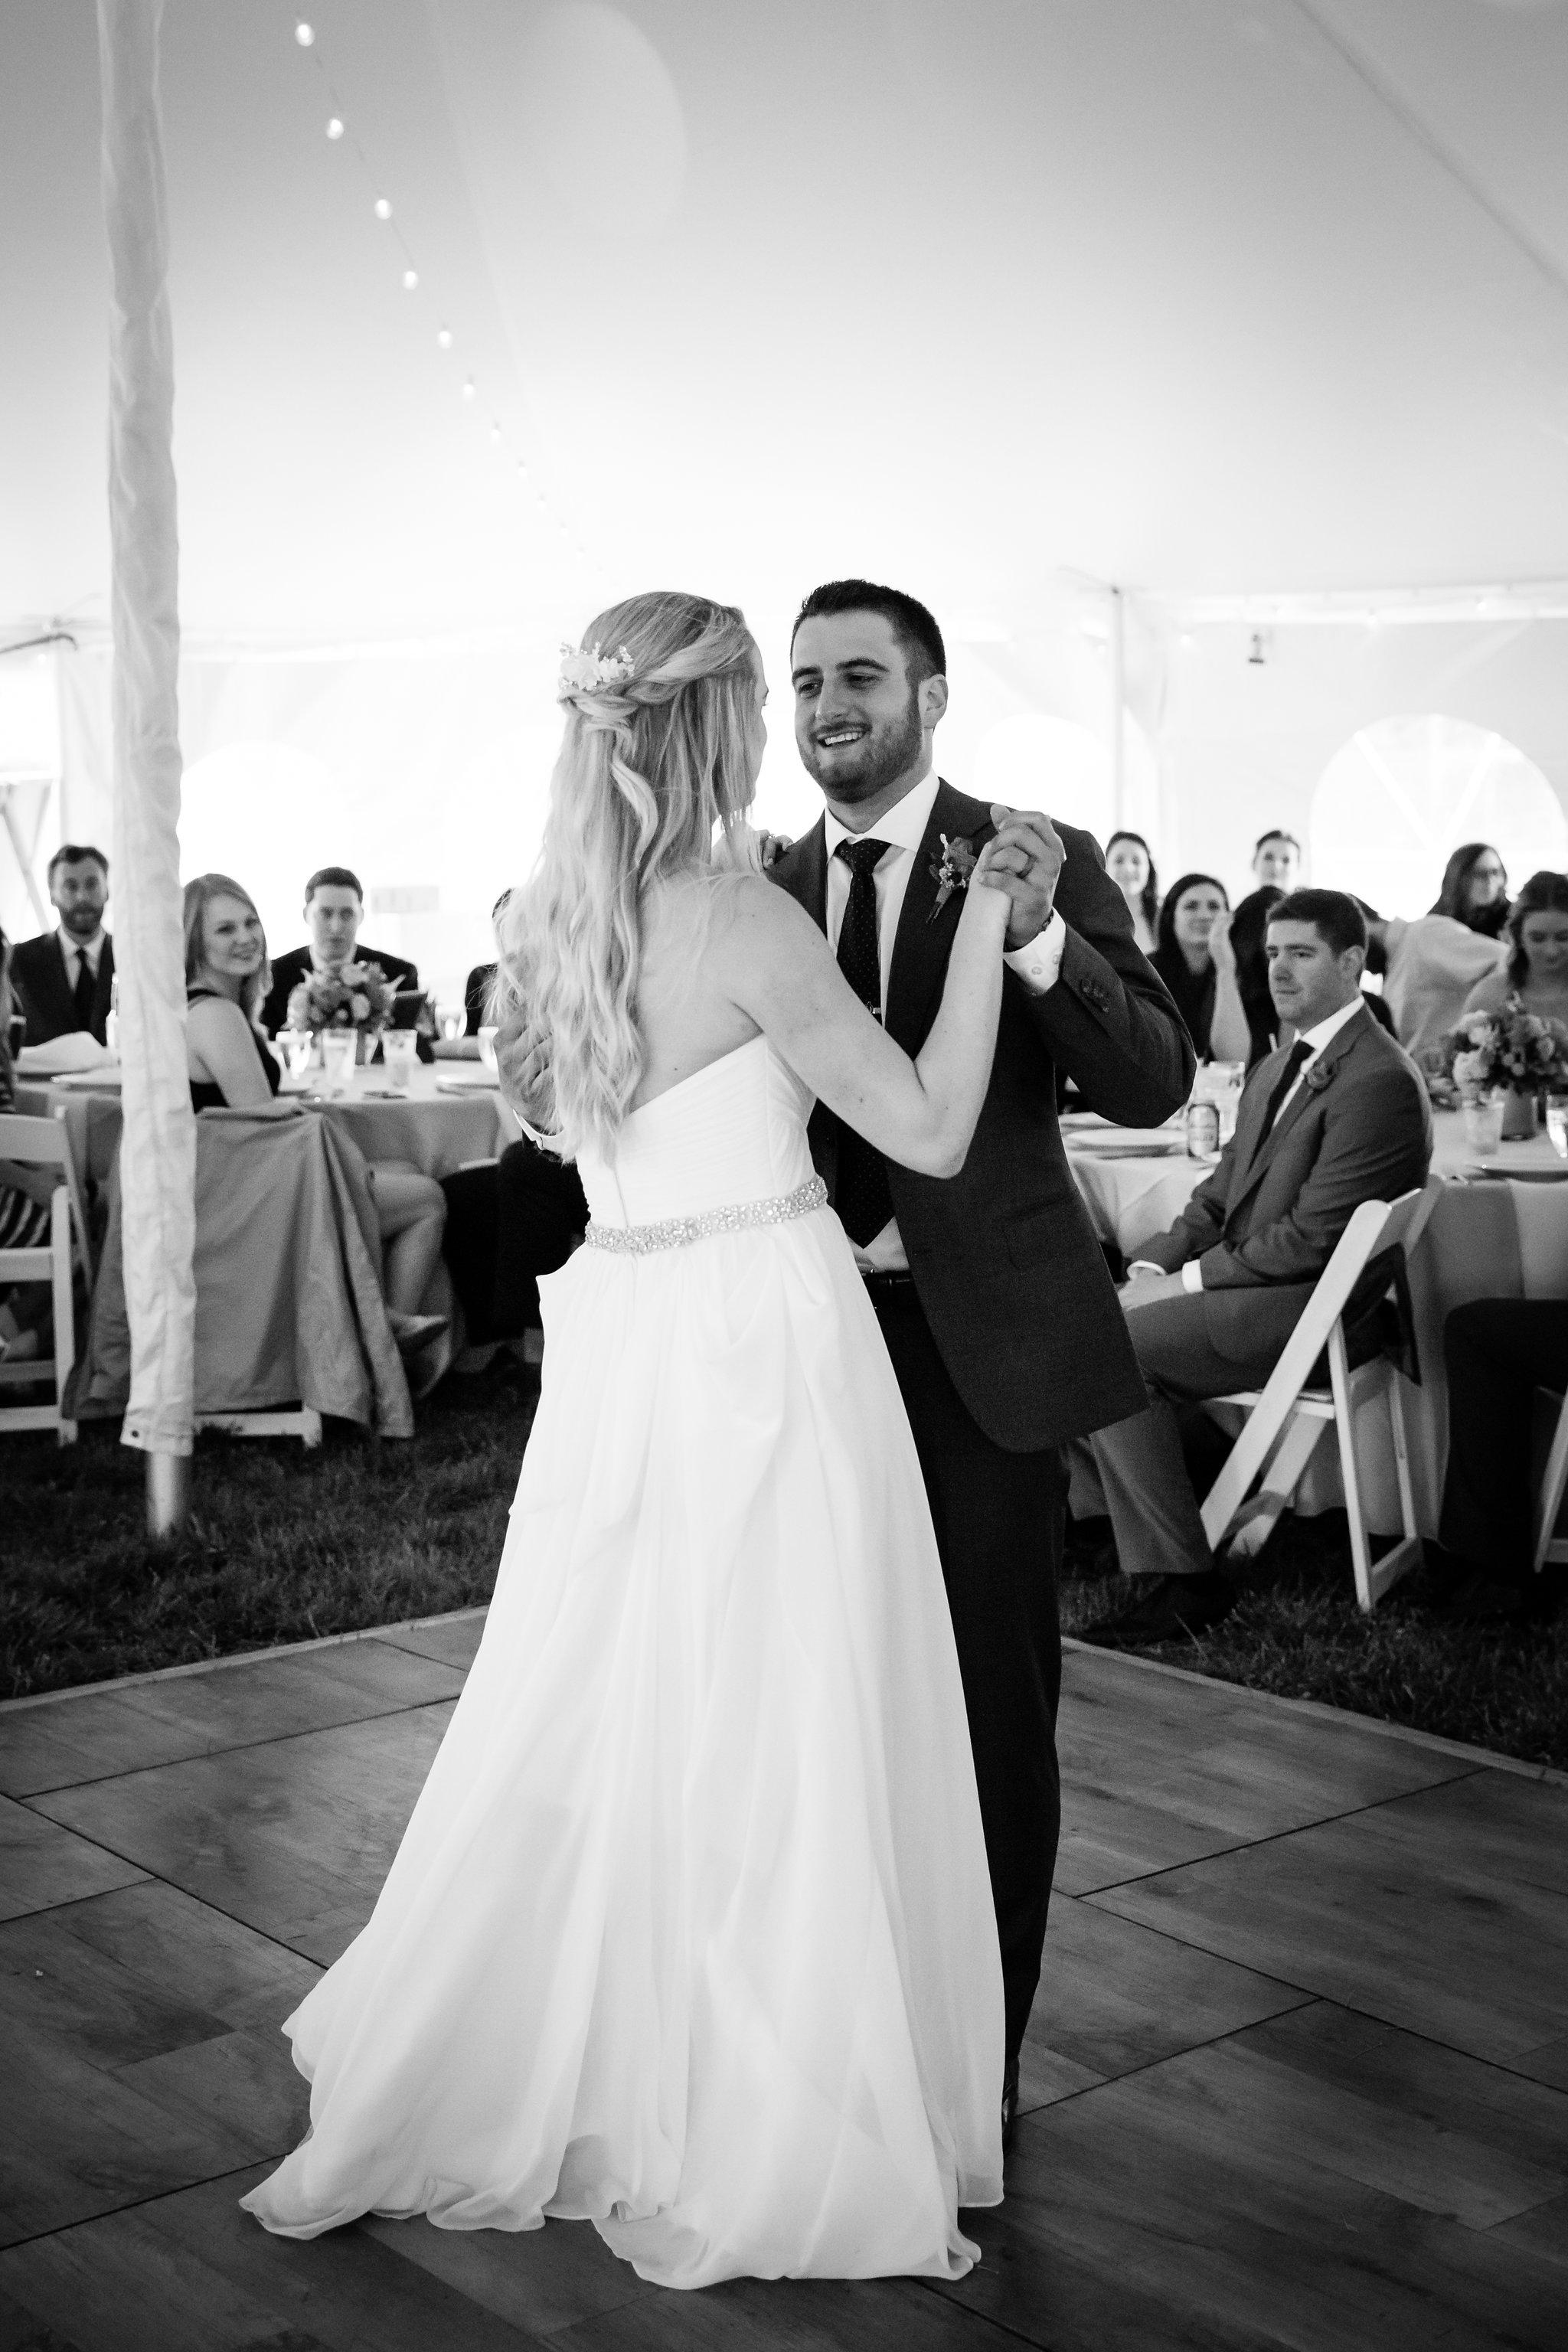 brielle-davis-events-weatherly-farm-waterfront-wedding-reception-first-dance.jpg